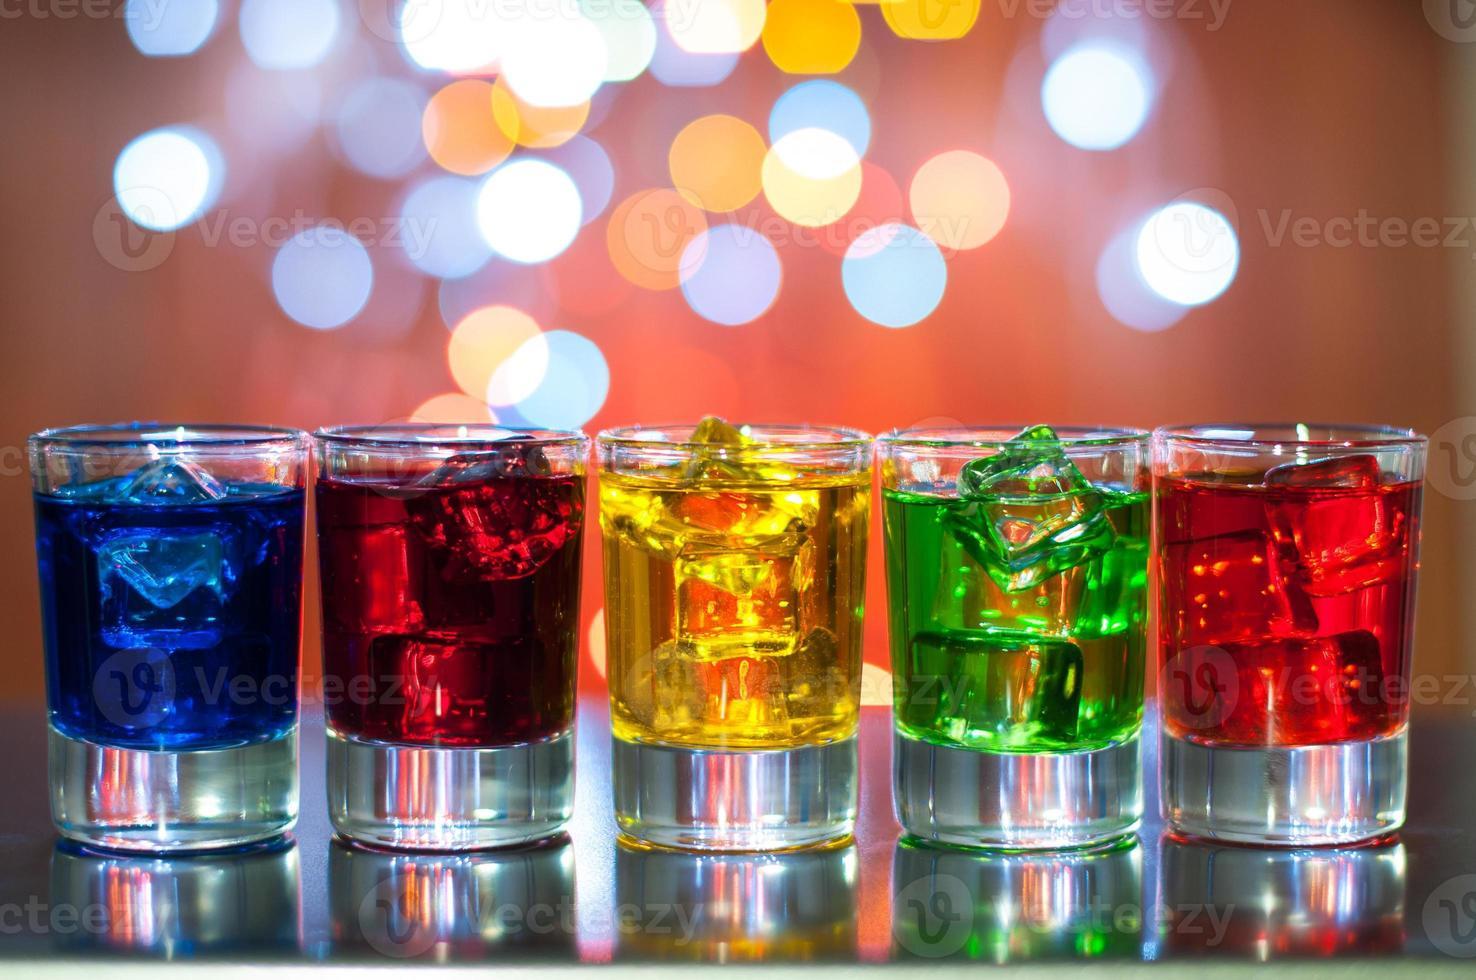 baga bebida alcoólica em pequenos copos na mesa de bar com foto